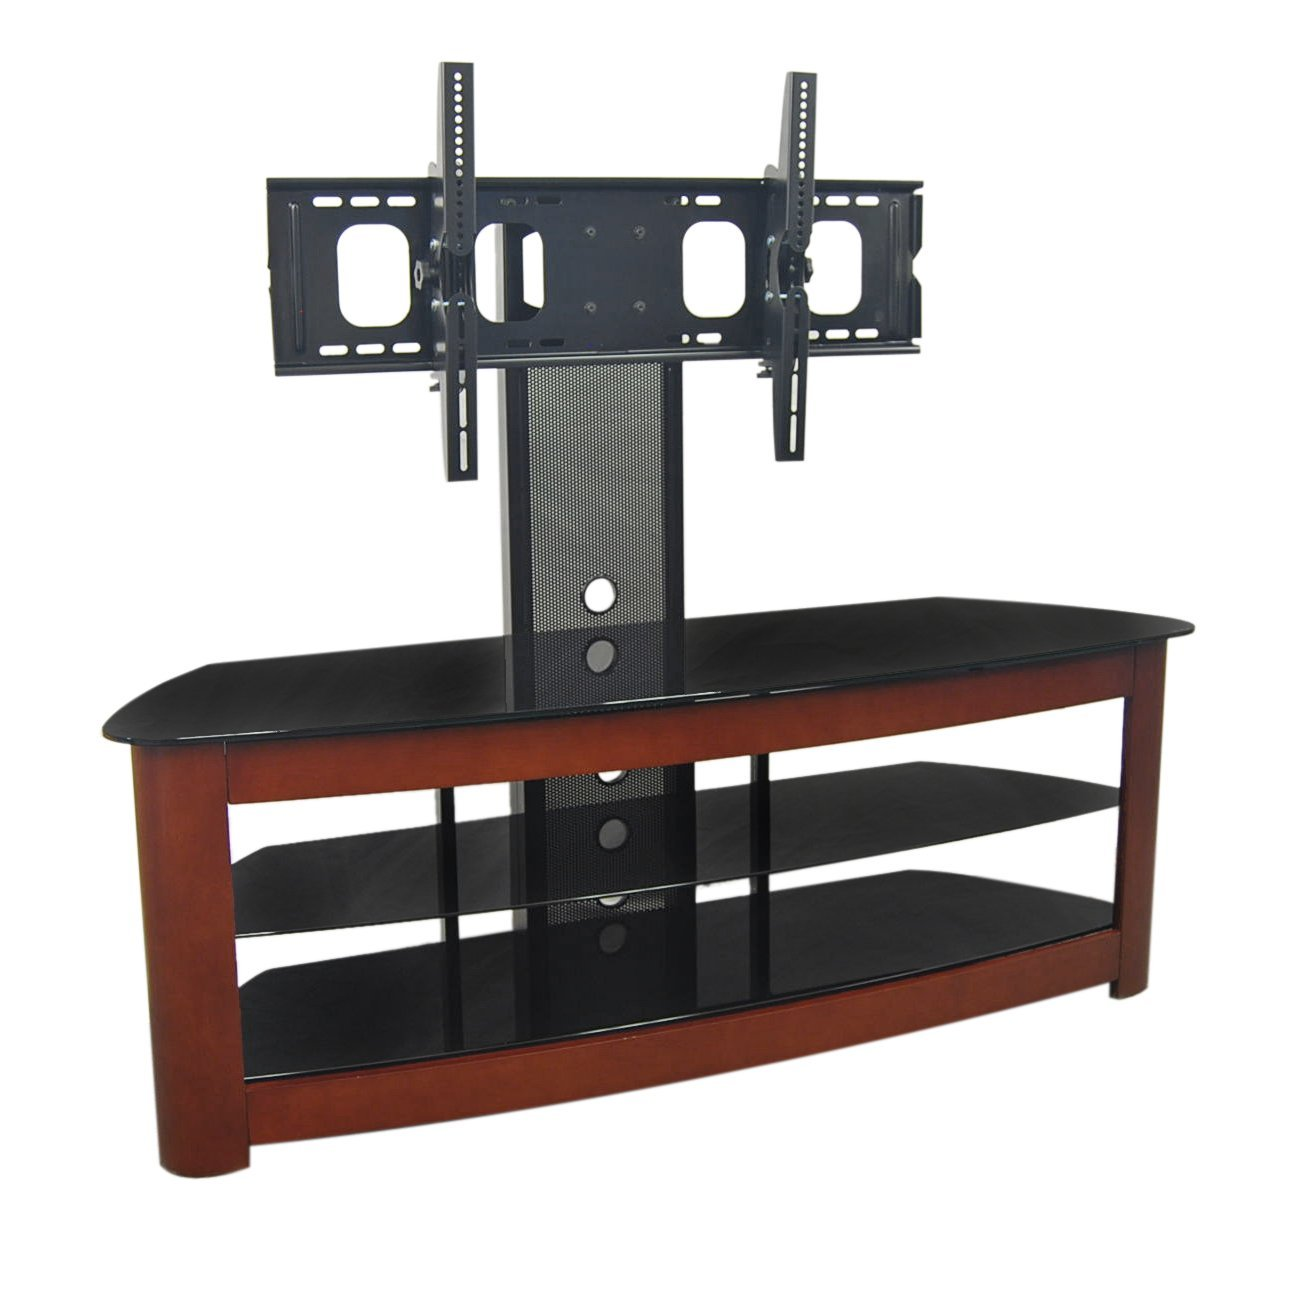 60 Inch Corner Tv Stand Comparison Tables Socialcompare